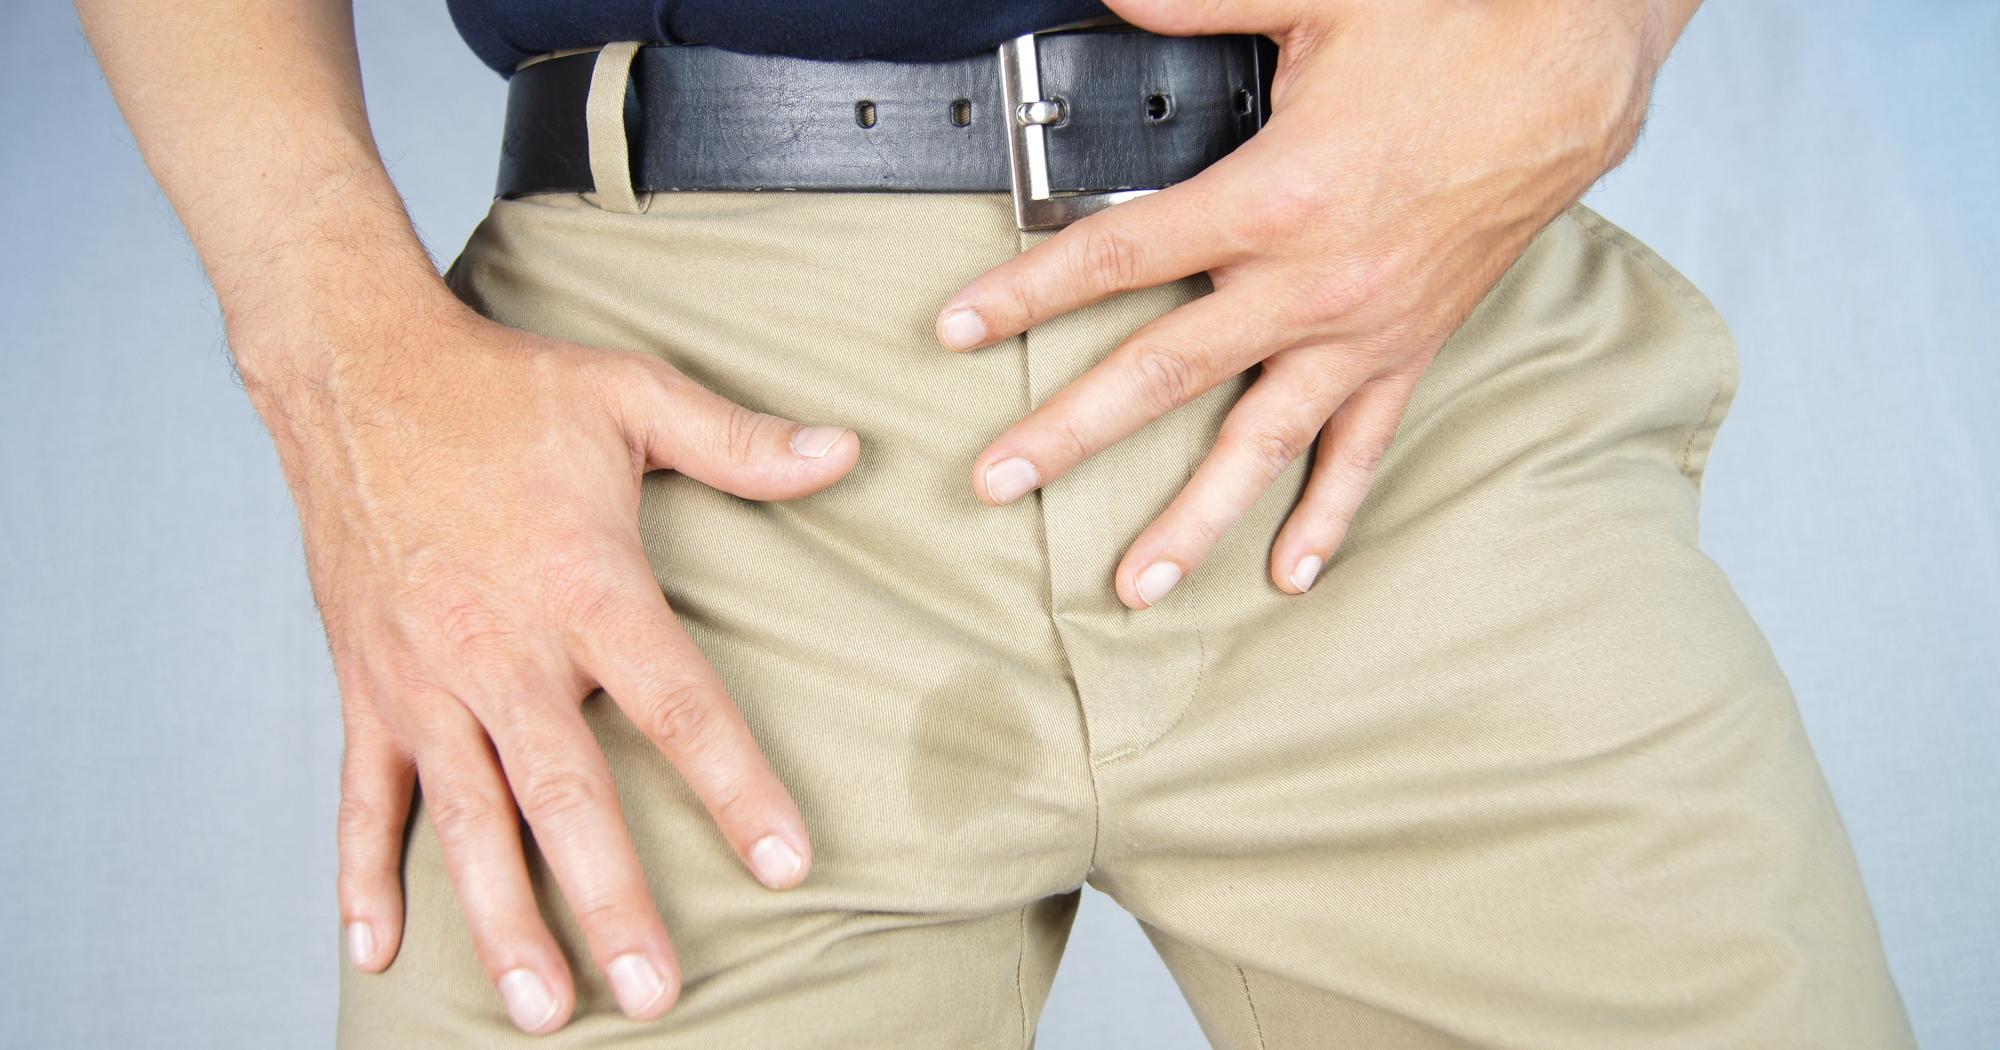 「職場で紙おむつ」も…トイレ1日8回以上なら頻尿を疑え